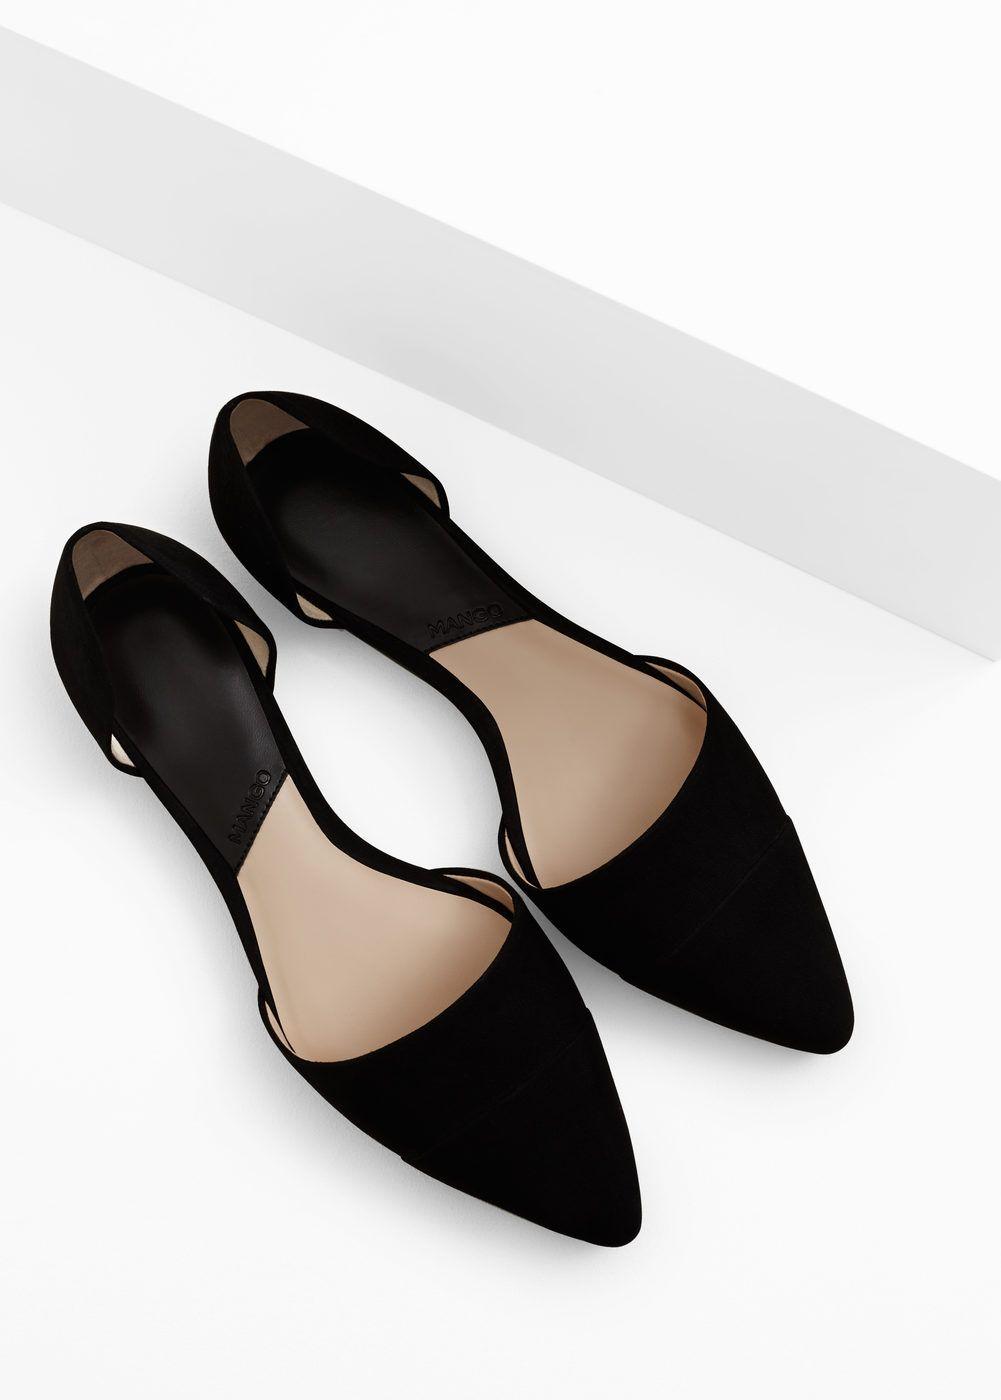 ampia scelta di colori e disegni prezzo di strada una grande varietà di modelli Scarpe basse punta - Donna | Zapatos y Botas | Pointed toe ...